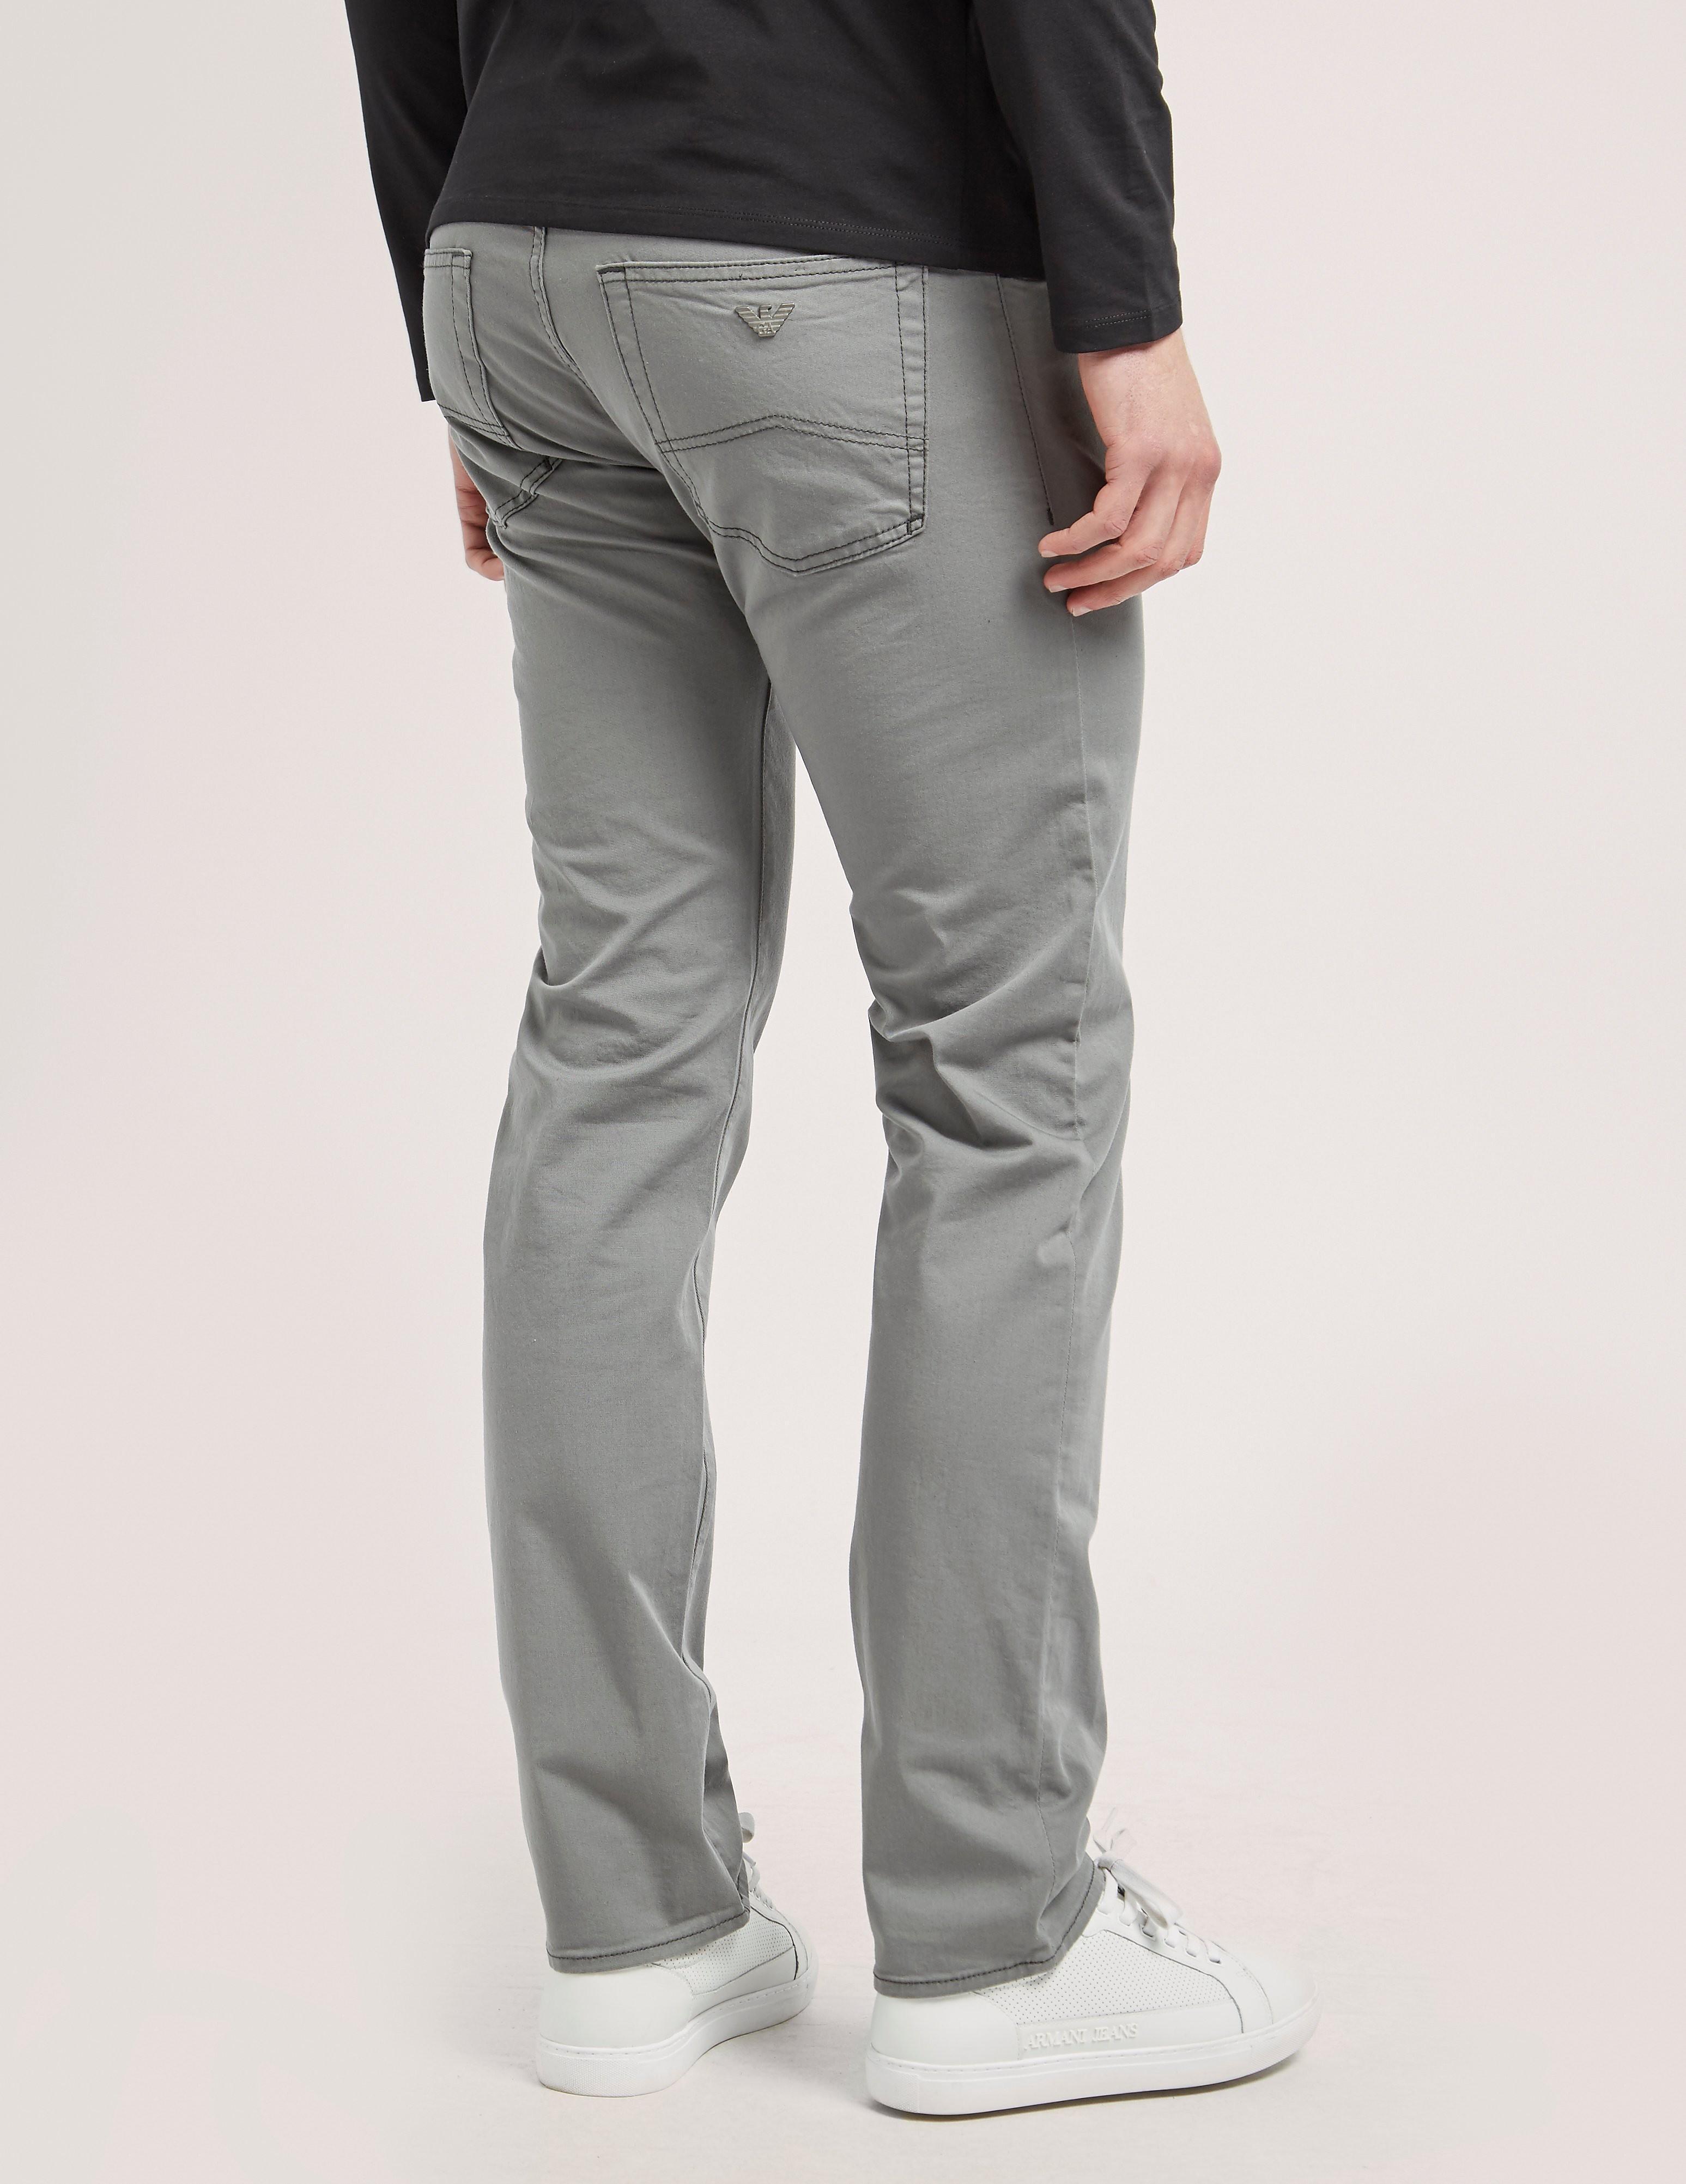 Armani Jeans J45 Bull Short Jeans